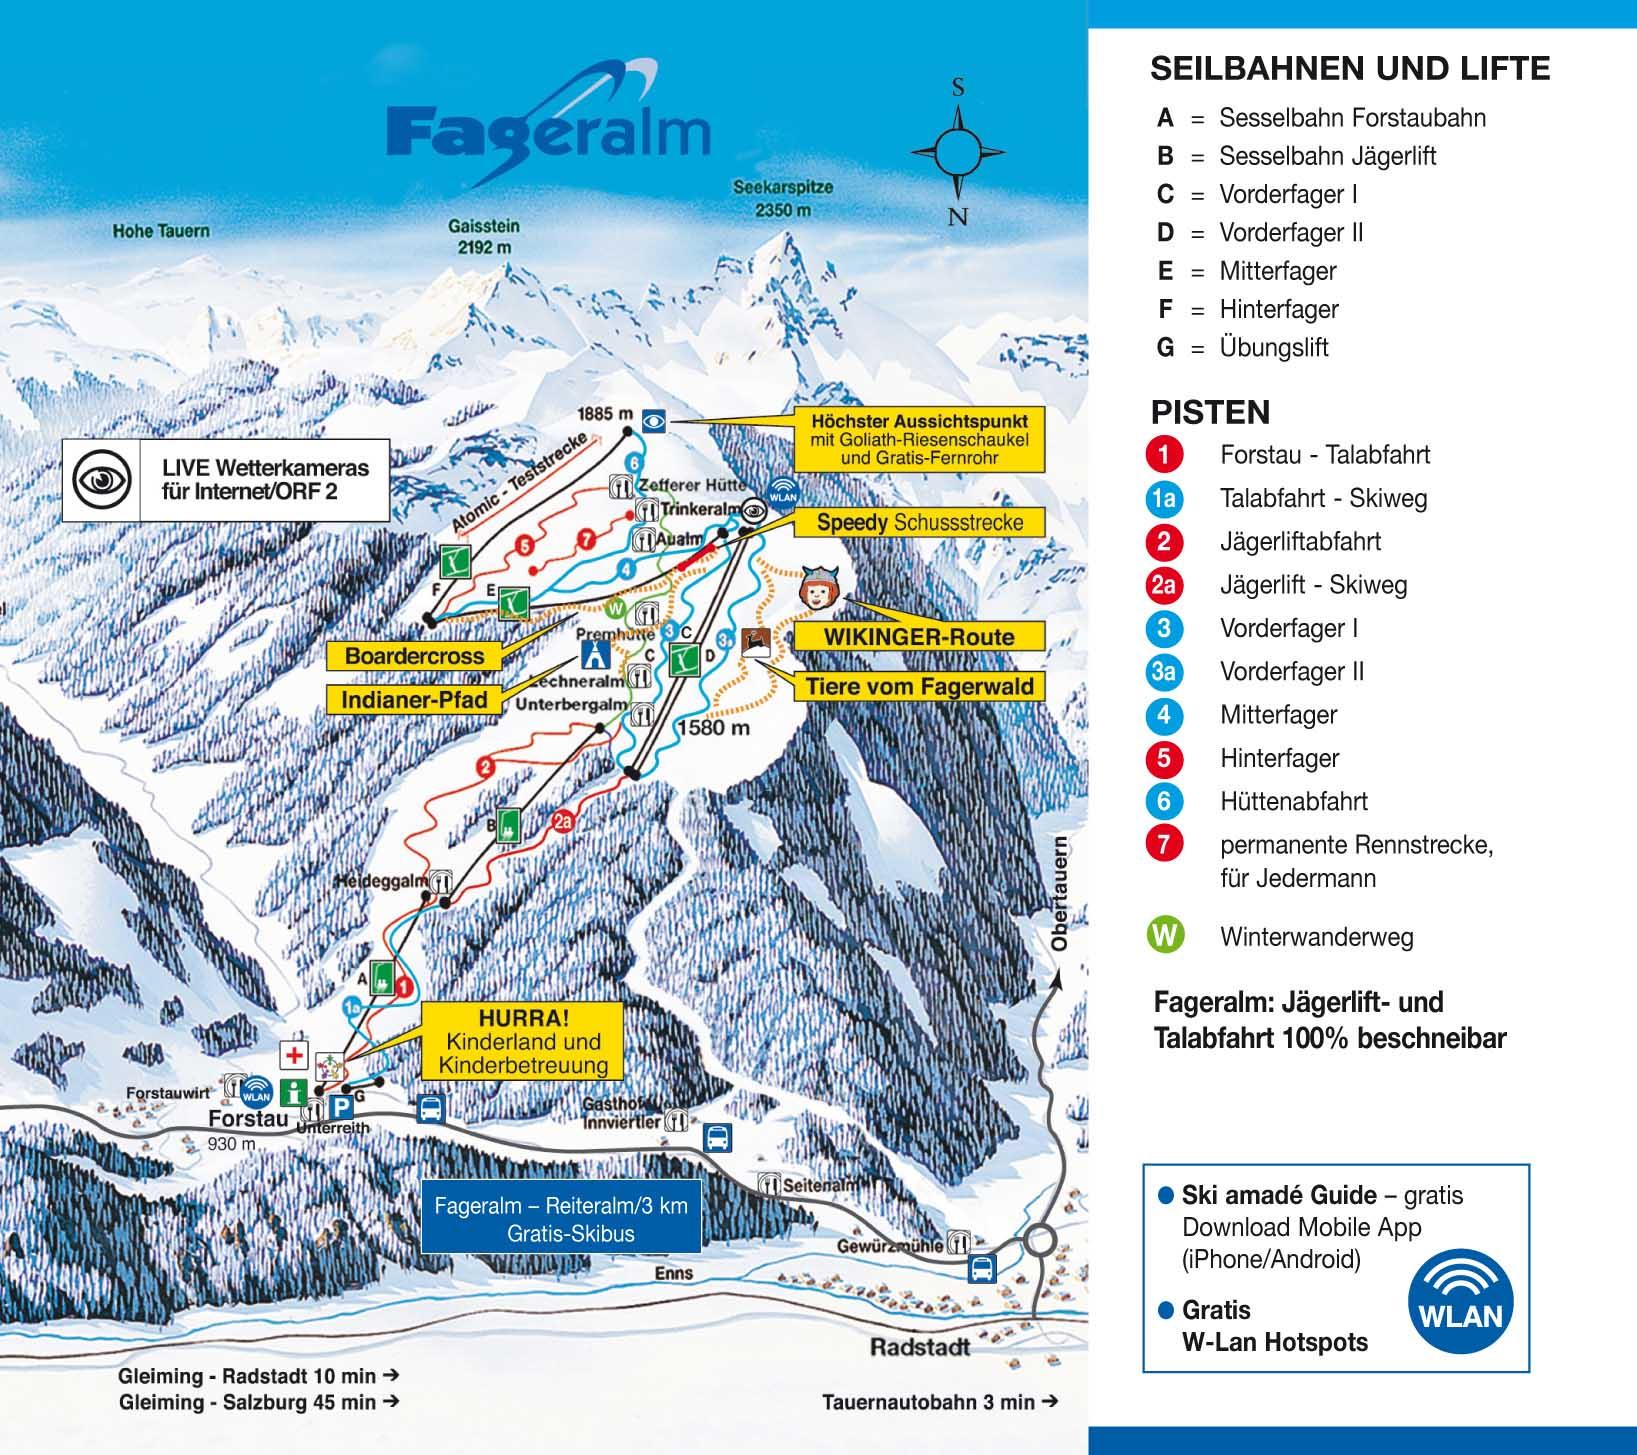 Схема трасс горнолыжного курорта Фагеральм-Форстау